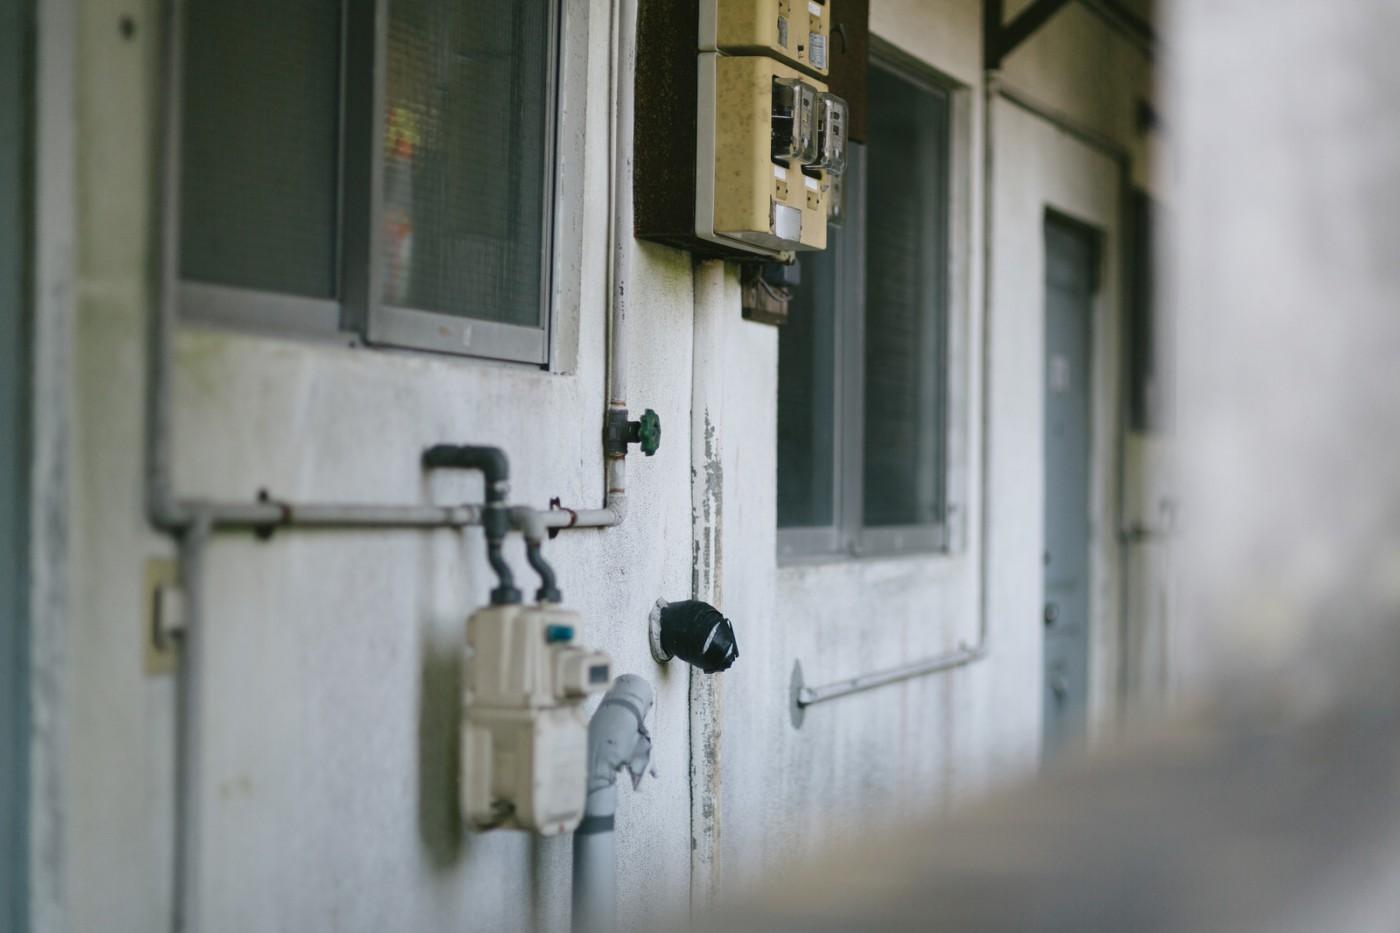 分譲マンションで漏水事故が発生する3つの原因